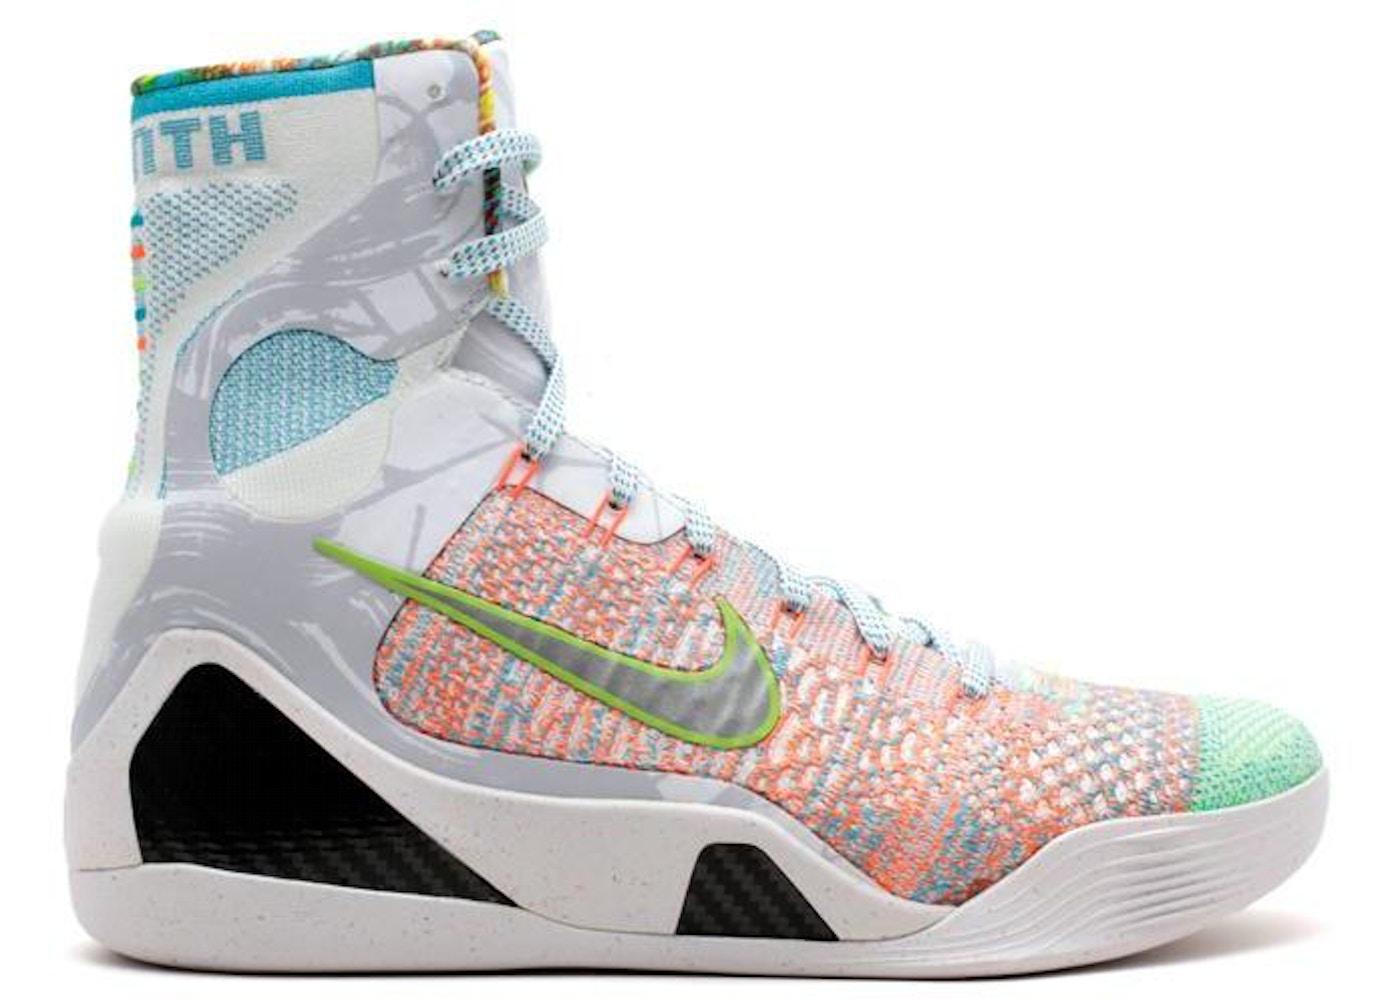 newest b00b7 0b2d2 Buy Nike Kobe Shoes   Deadstock Sneakers